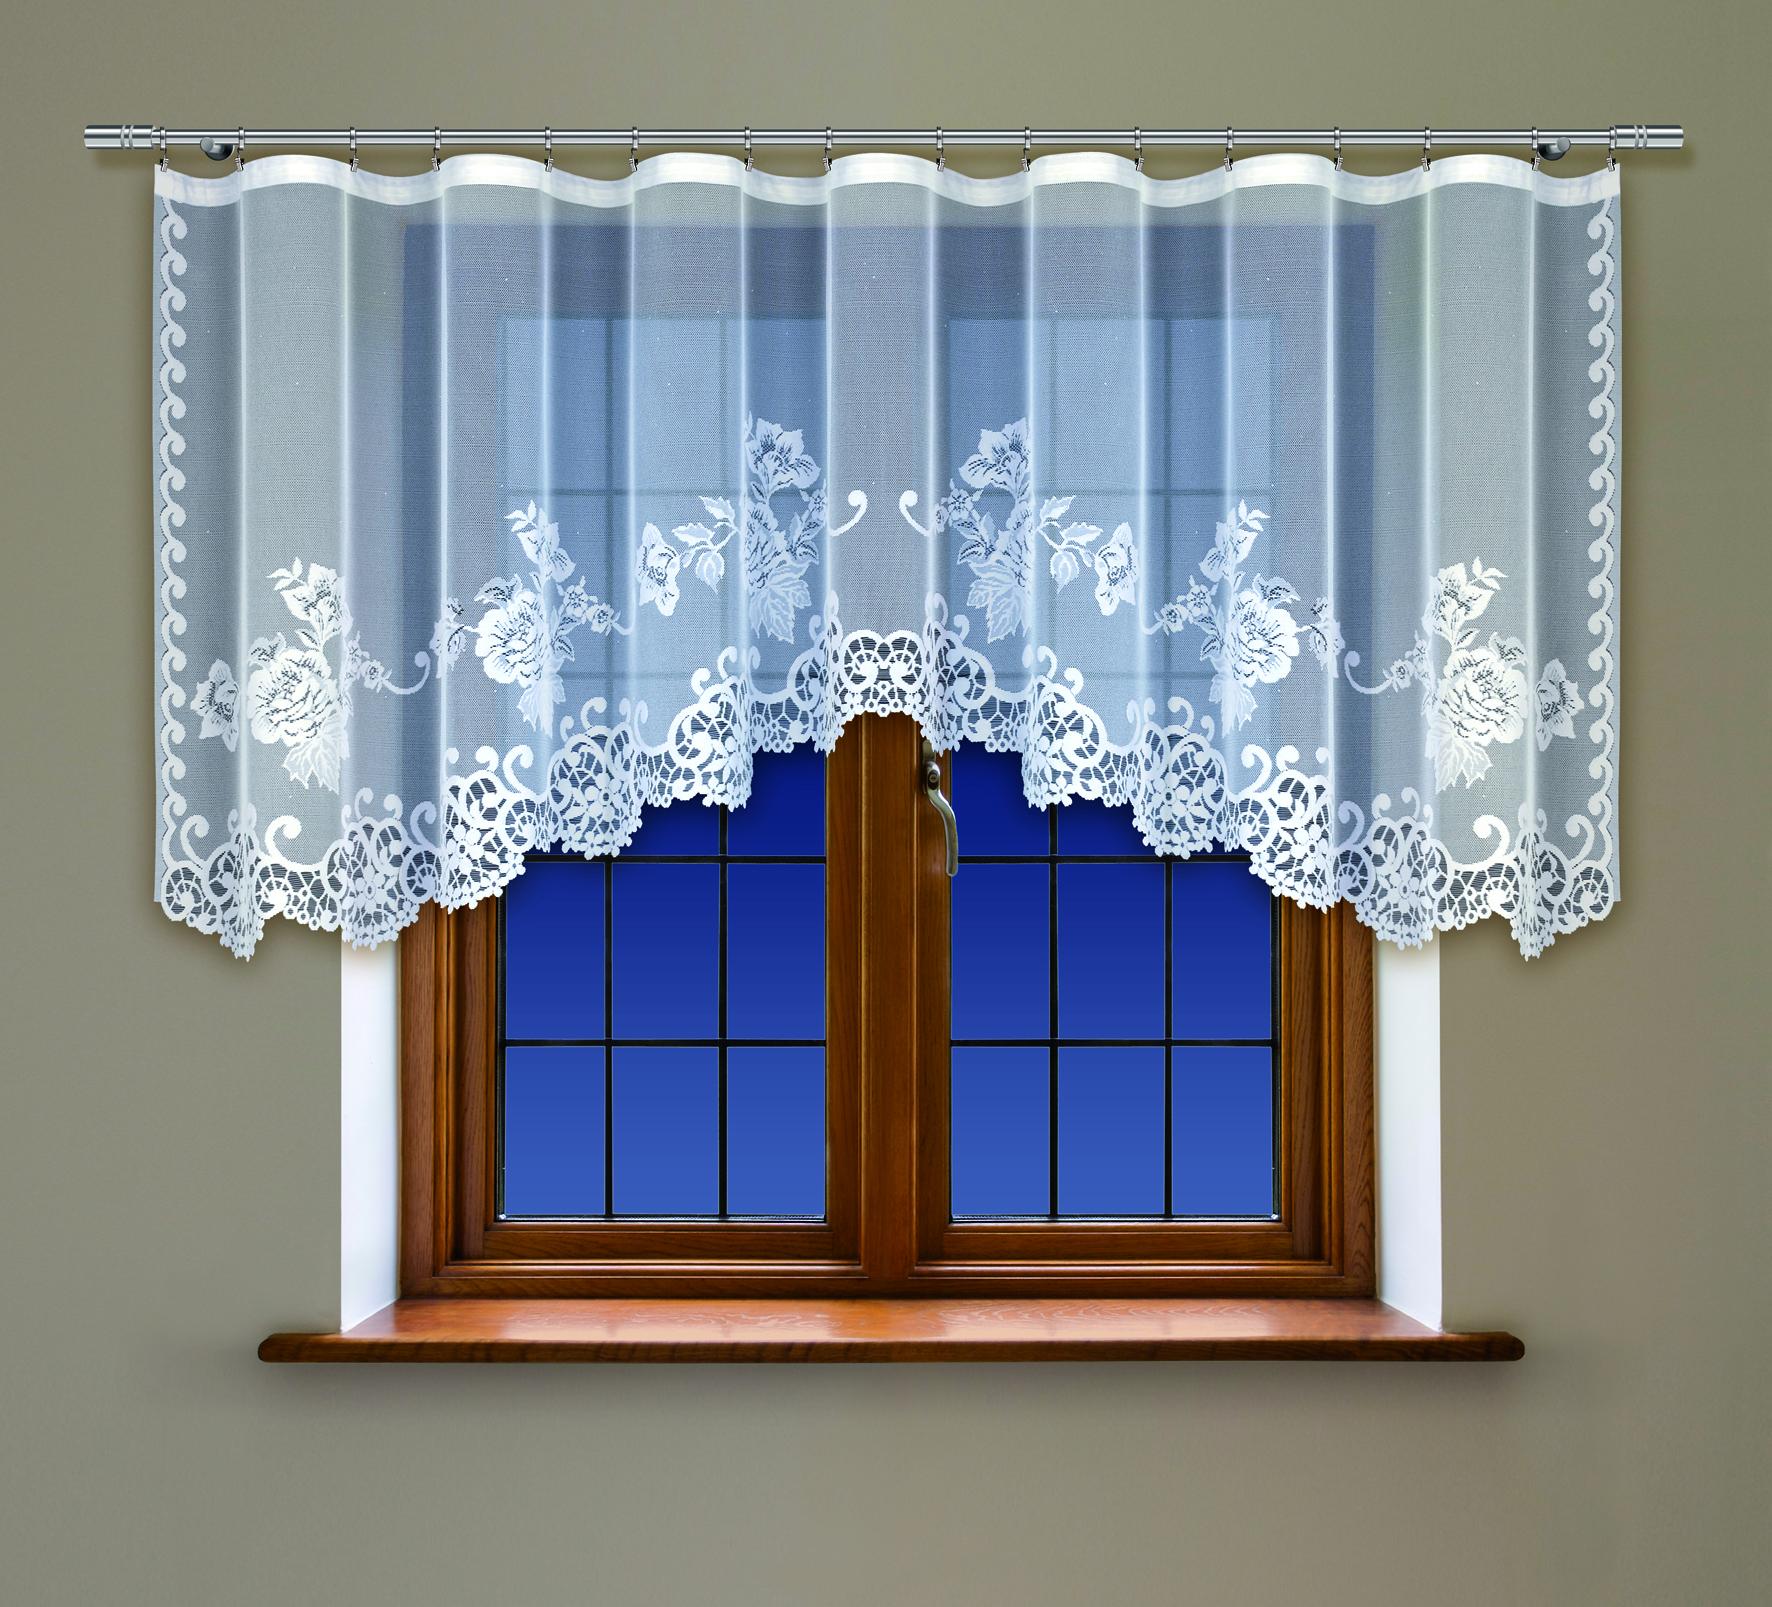 Гардина Haft, на ленте, цвет: белый, высота 115 см. 218370/115SVC-300Воздушная гардина Haft, изготовленная из полиэстера белого цвета, станет великолепным украшением кухонного окна. Оригинальный цветочный рисунок, тонкое кружево и нежный орнамент привлечет к себе внимание и органично впишется в интерьер помещения. В гардину вшита шторная лента для красивой сборки. В комплект входит: Гардина - 1 шт. Размер (Ш х В): 300 см х 115 см.